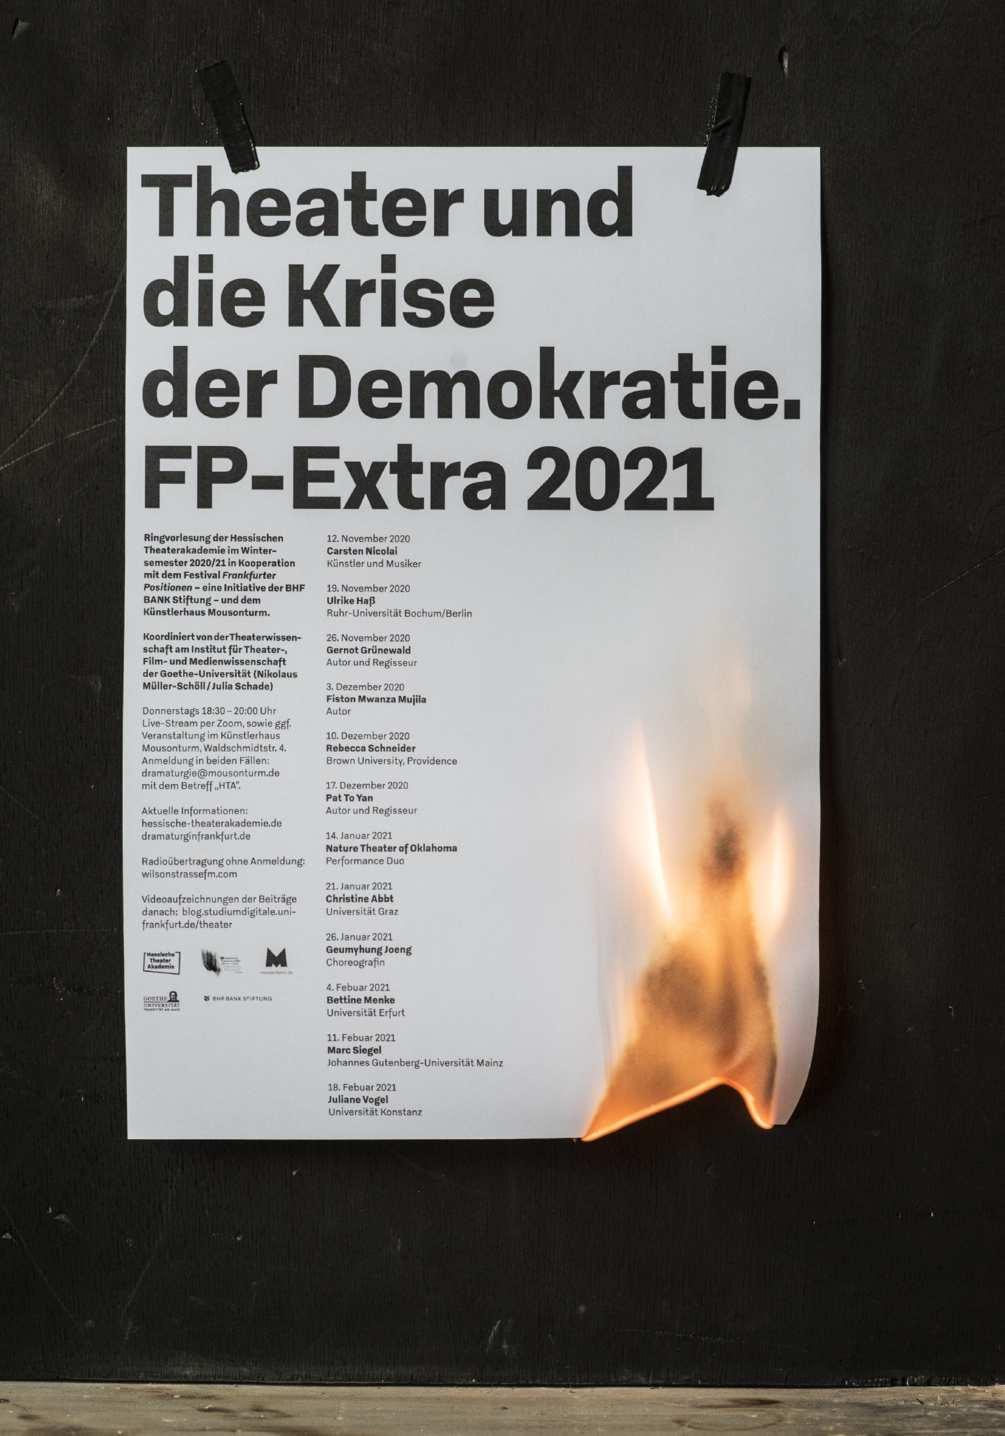 krise-der-demokratie-photo-01-1005x1436px